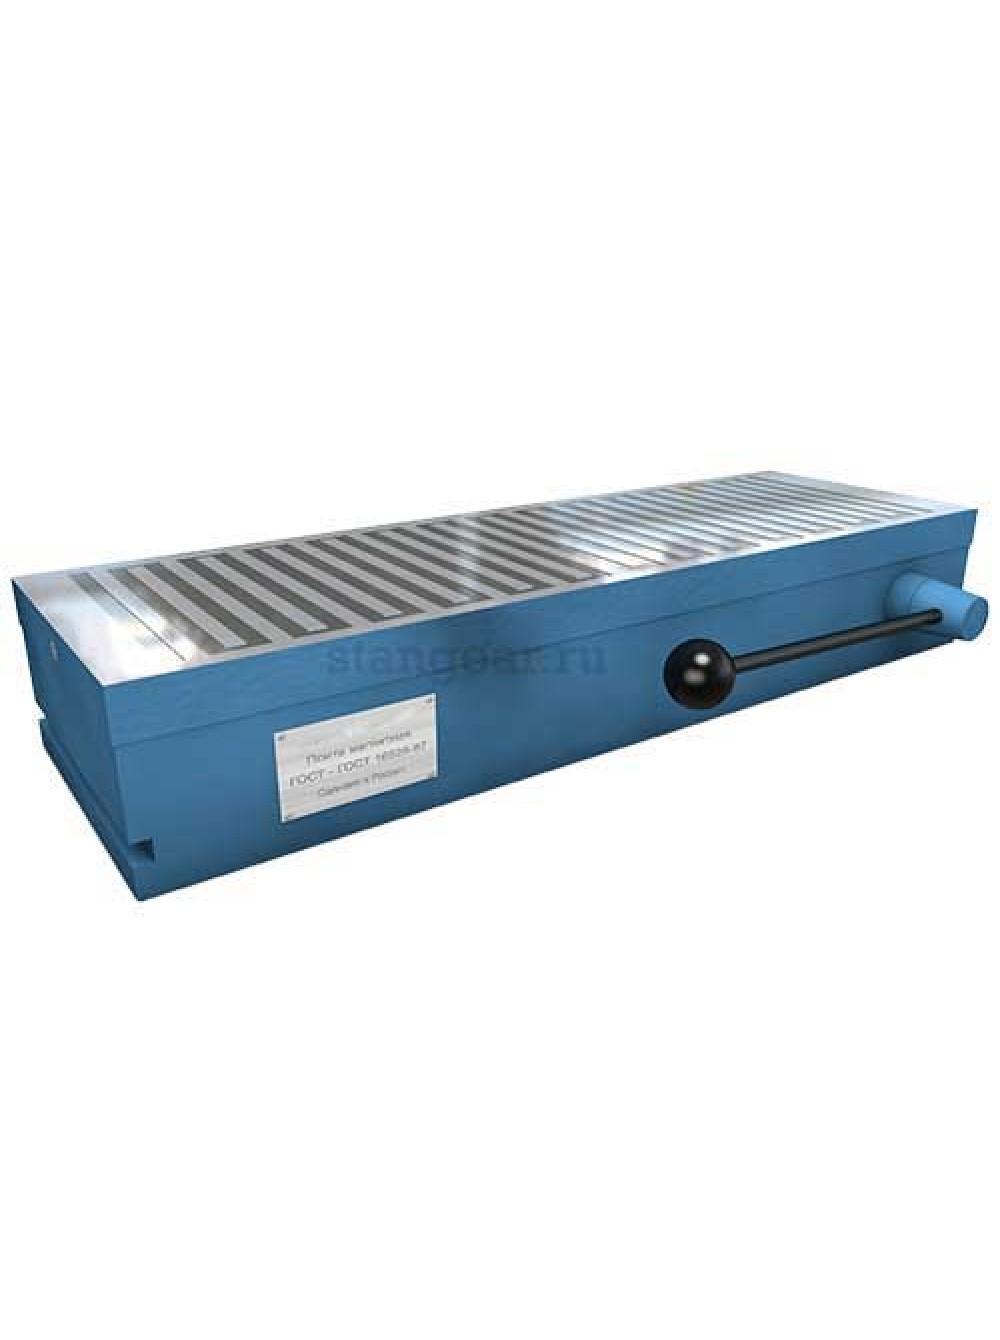 Магнитные синусные плиты для станков гост, видео, фото | строитель промышленник